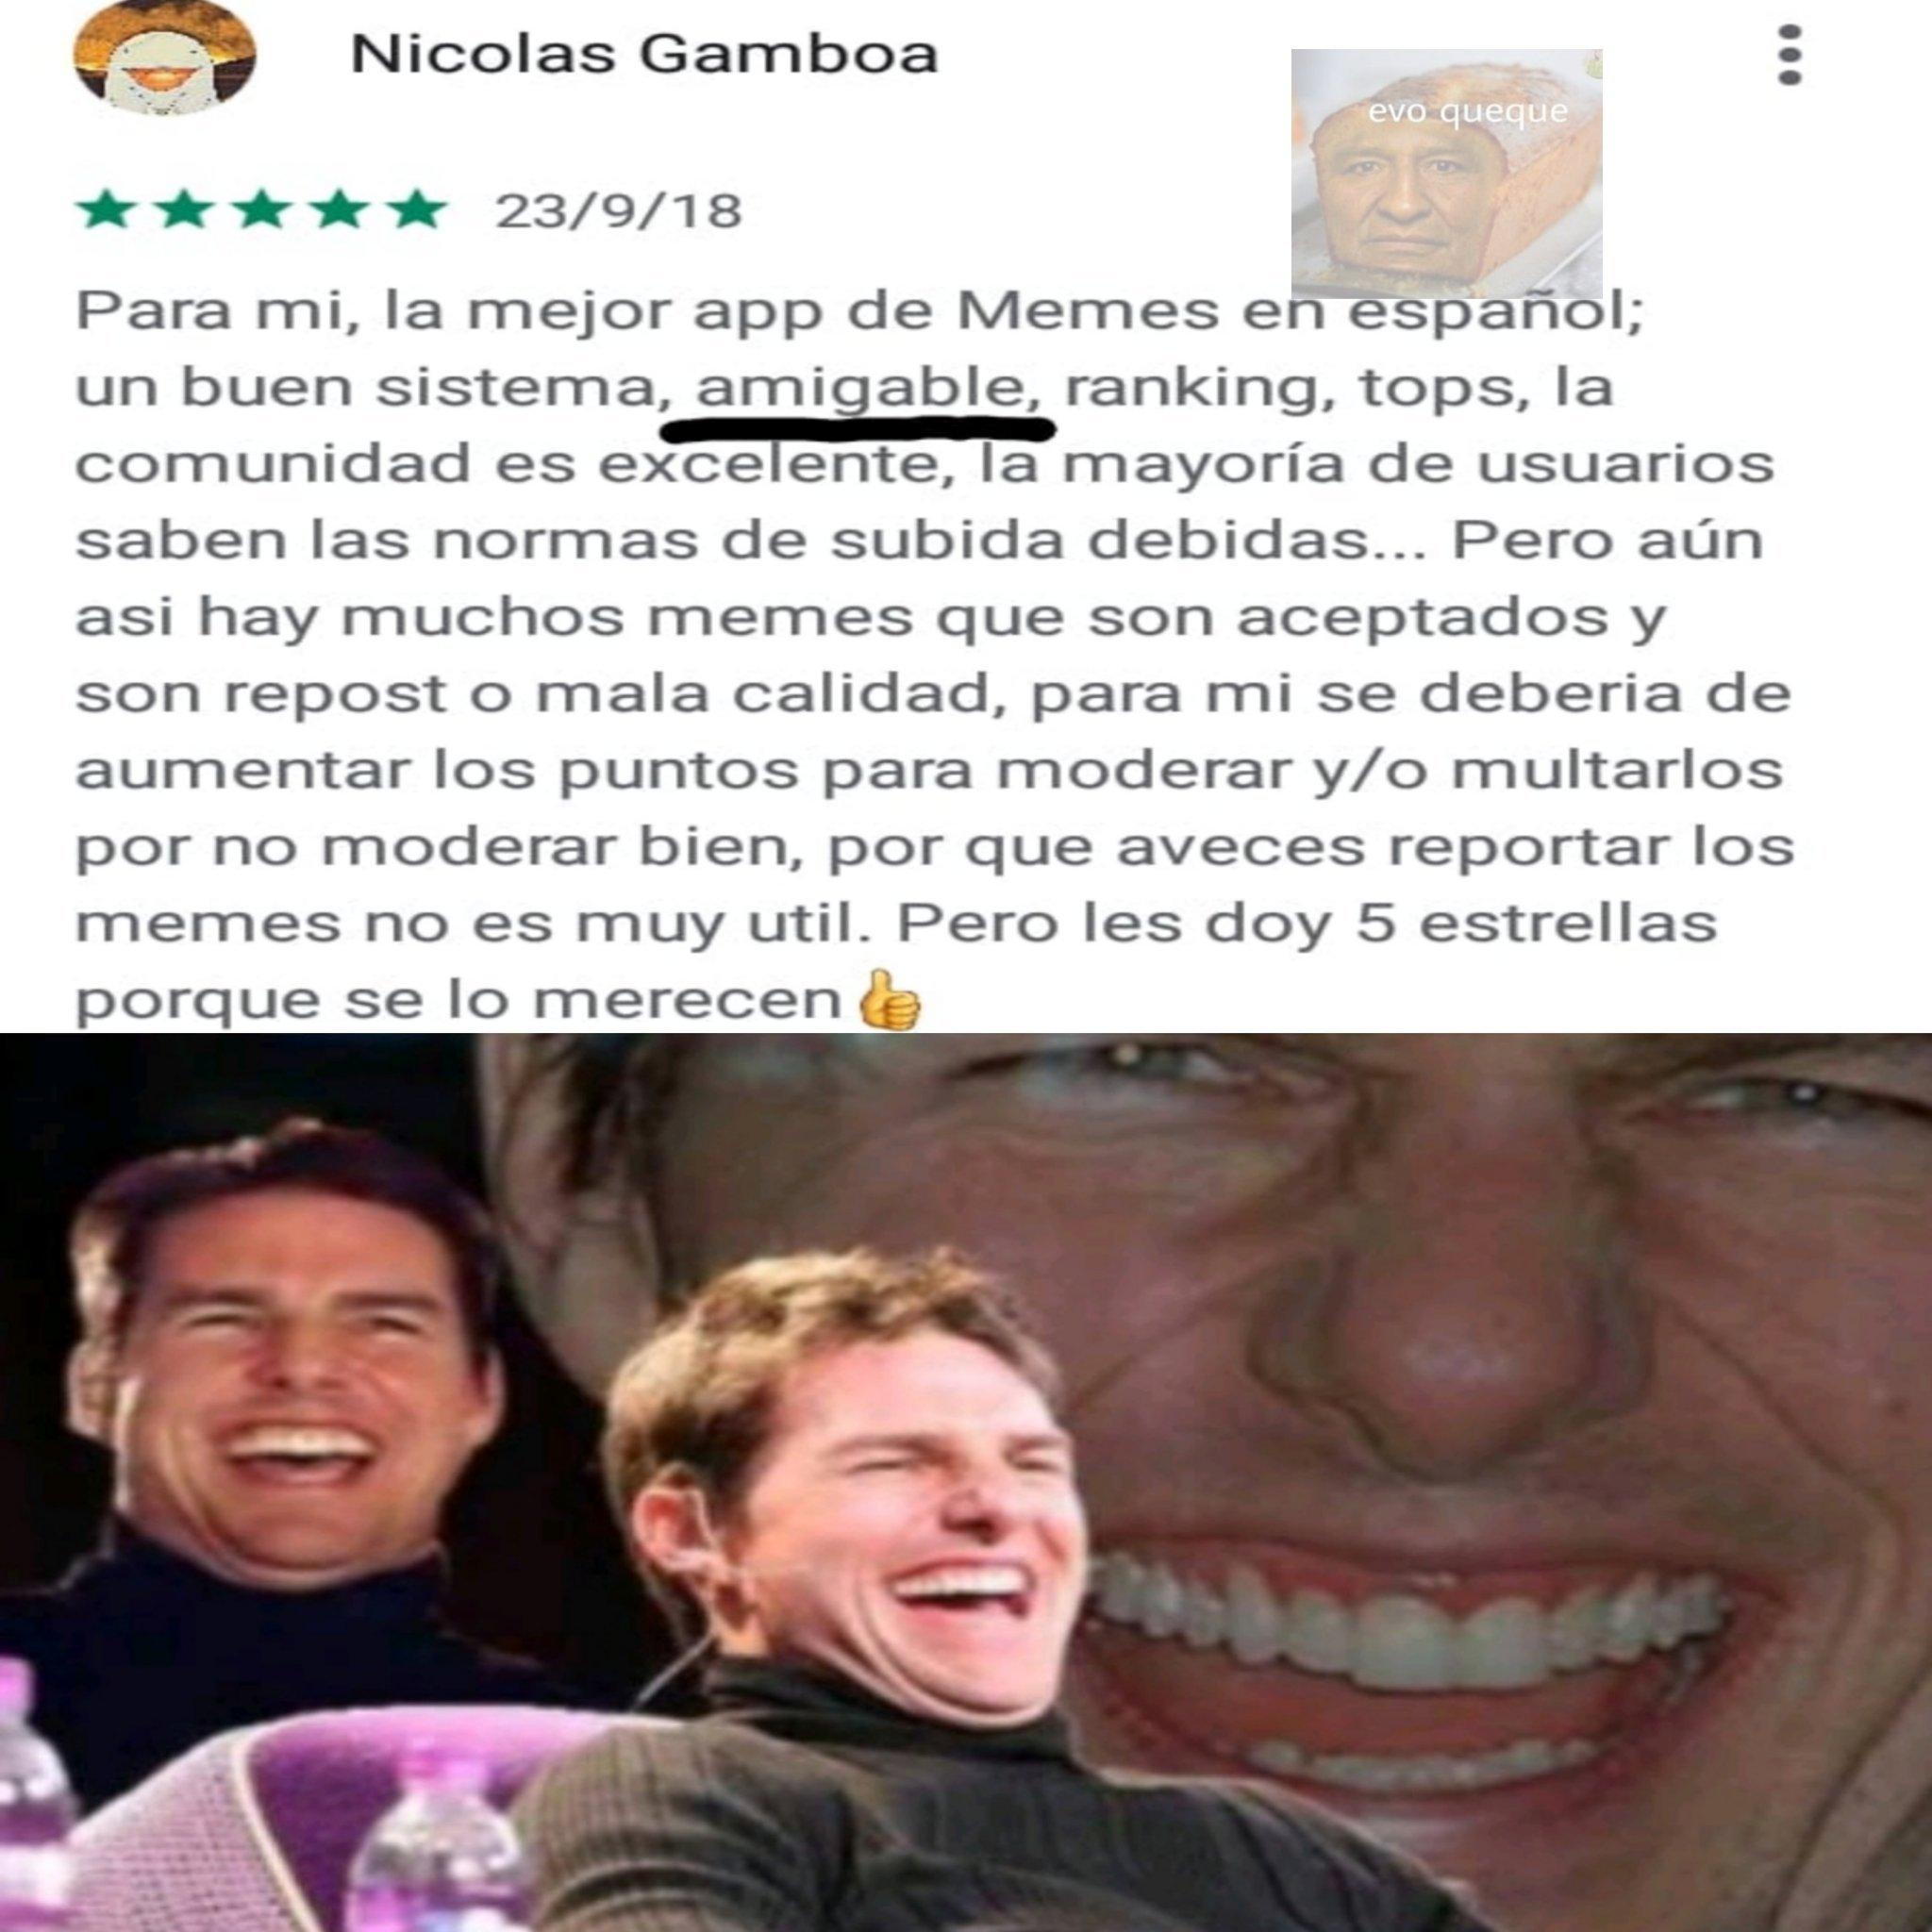 Amigable - meme